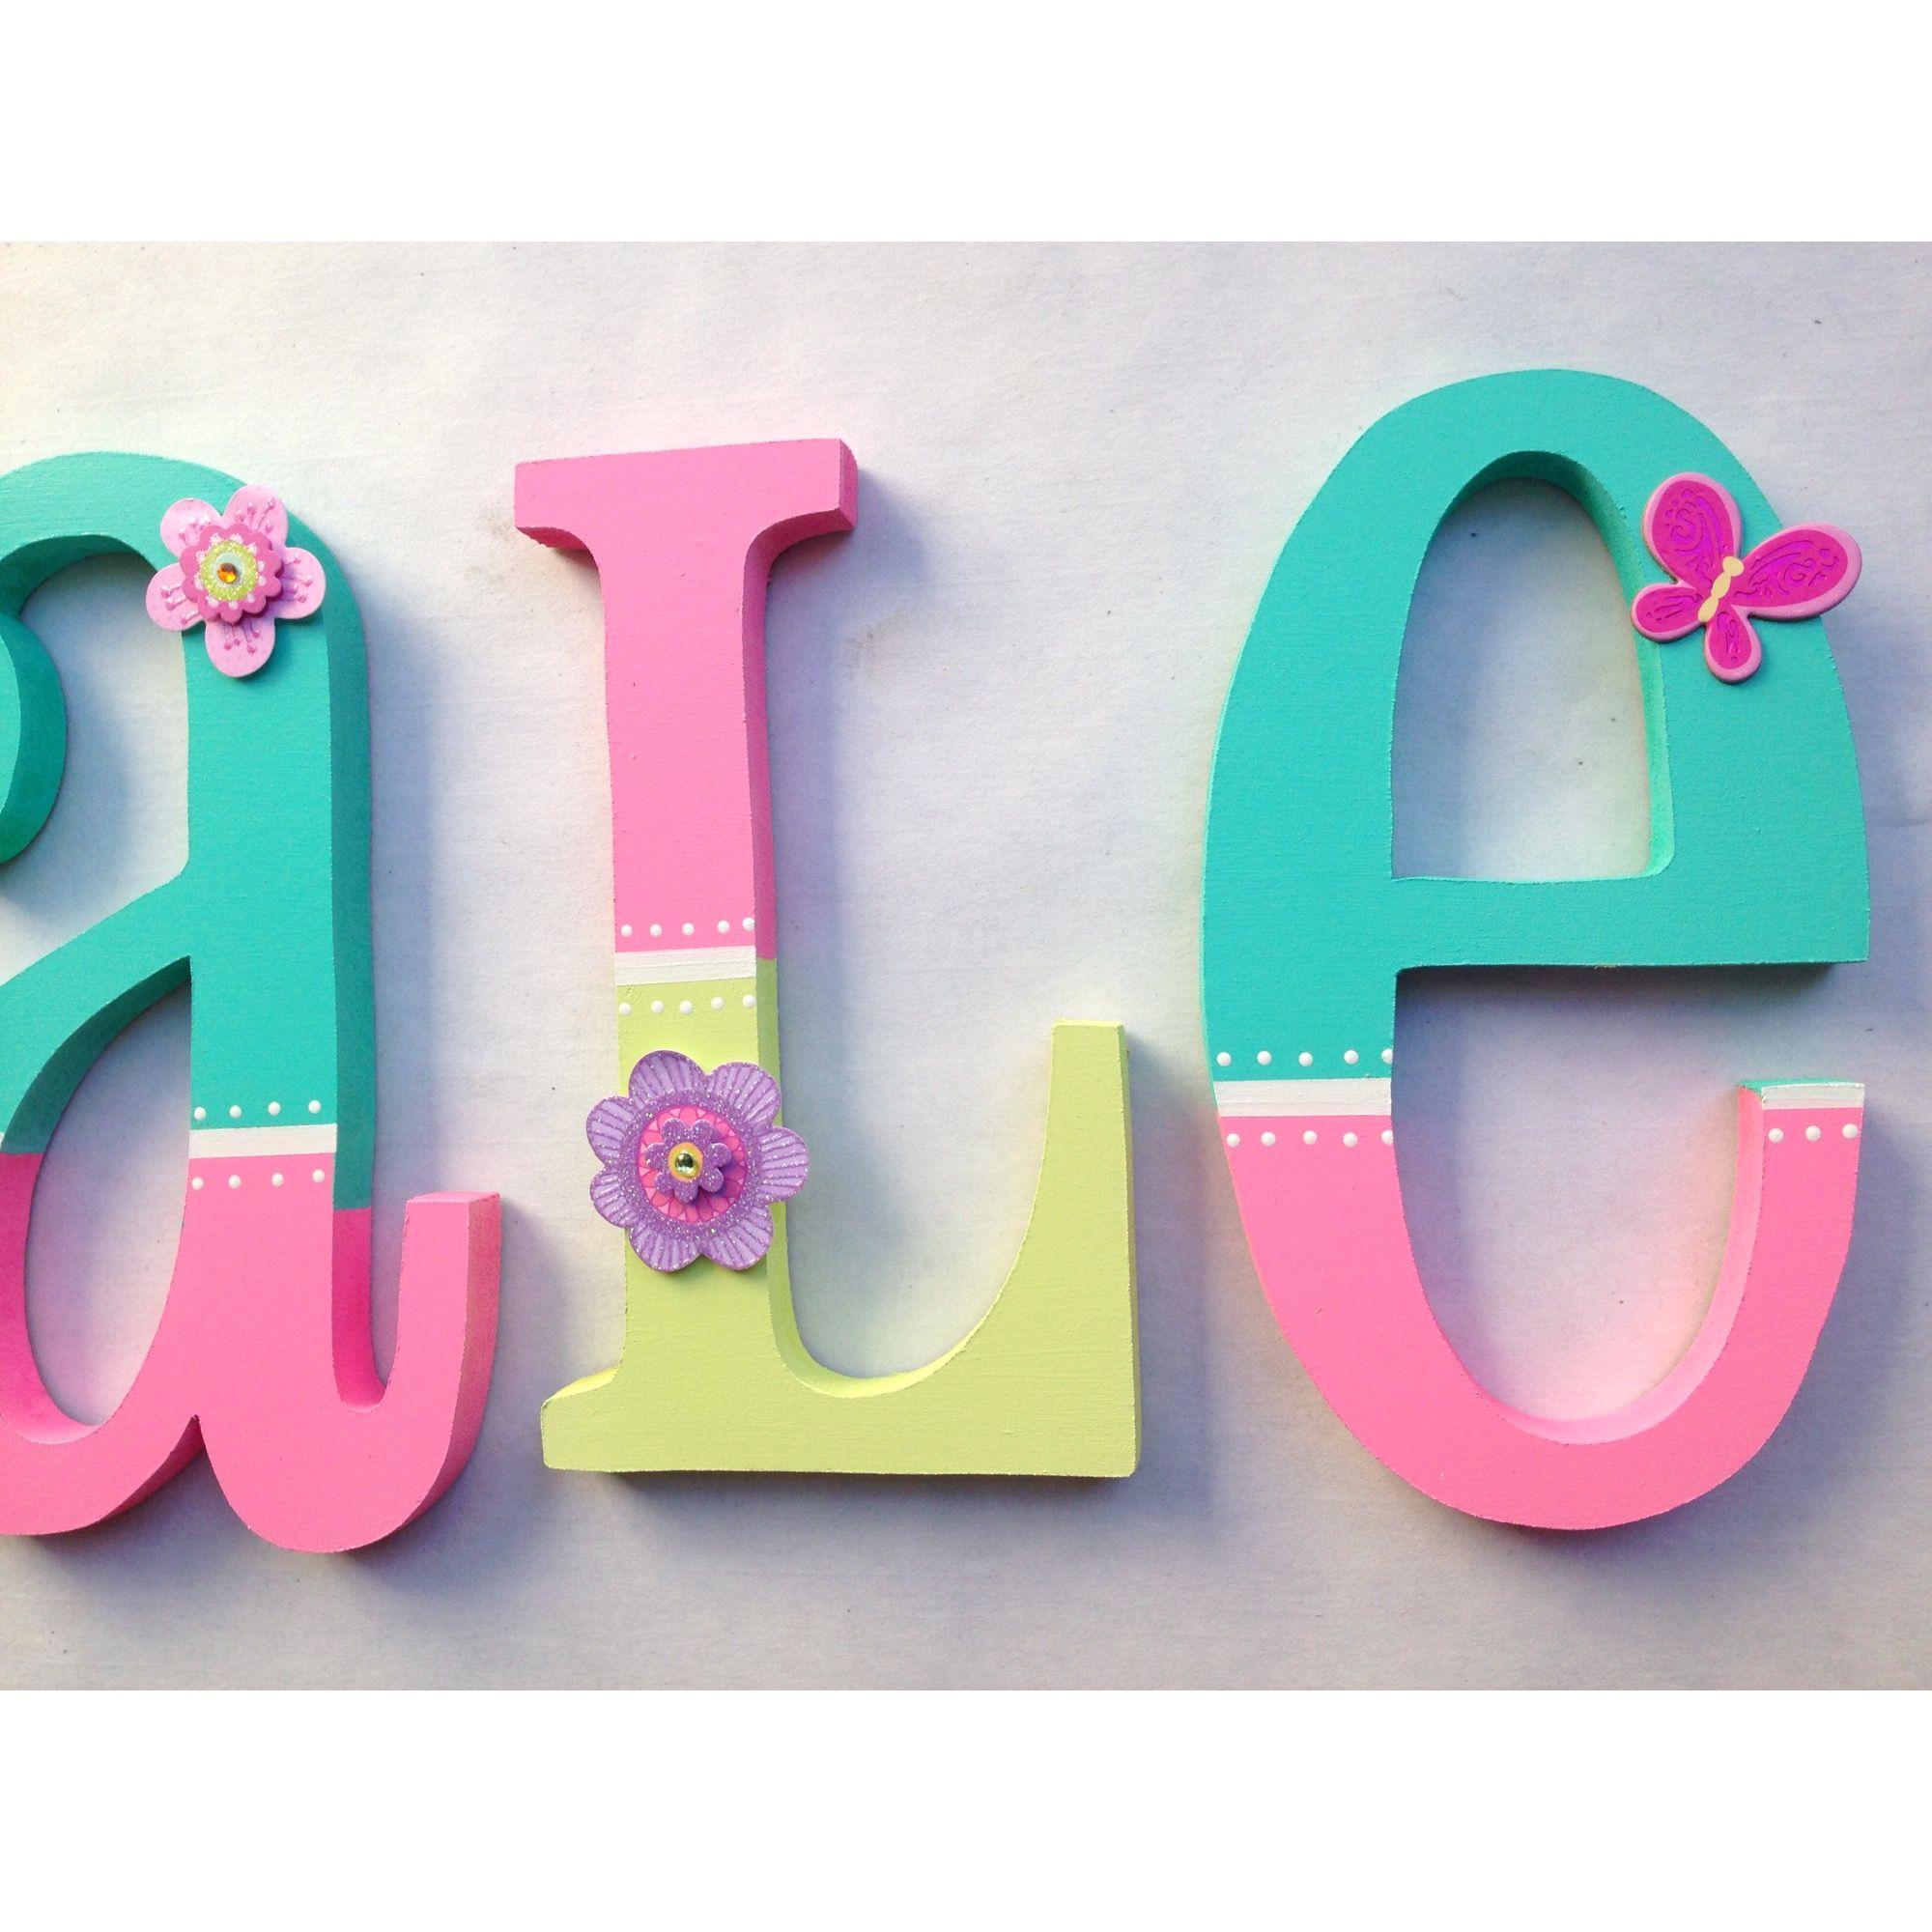 Nursery decor letters letras de madera para decorar letras pinterest - Letras de madera para decorar ...